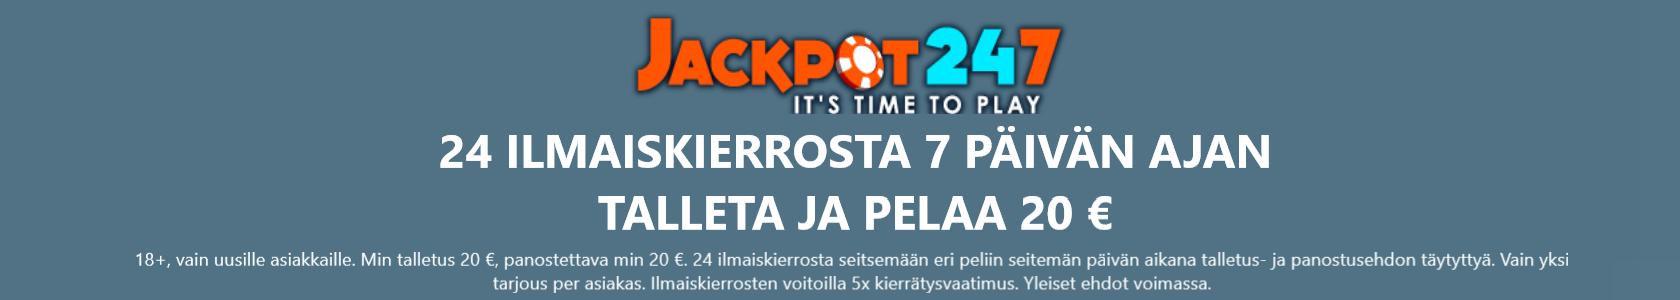 jackpot247_slider_ristikaksi